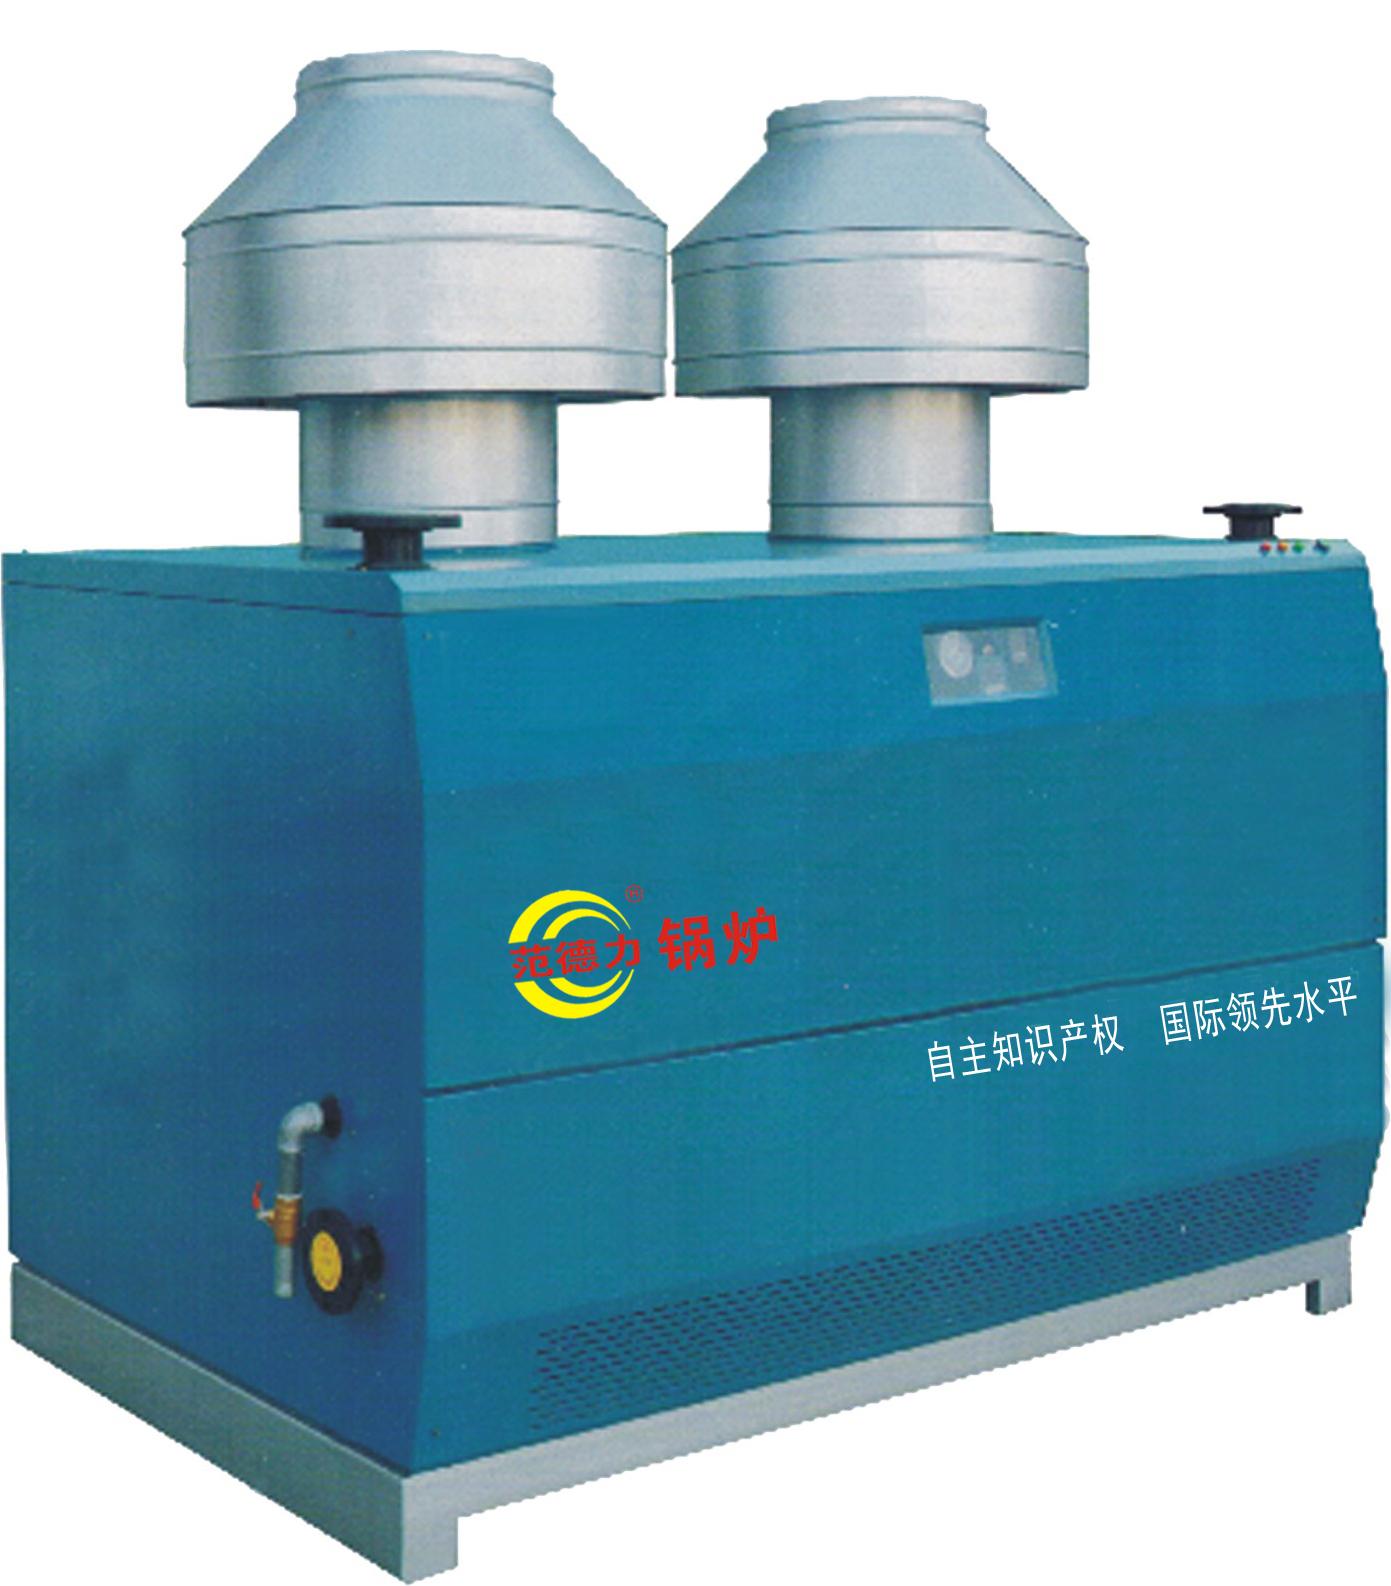 燃气锅炉和模块式燃气锅炉的区别在哪里?